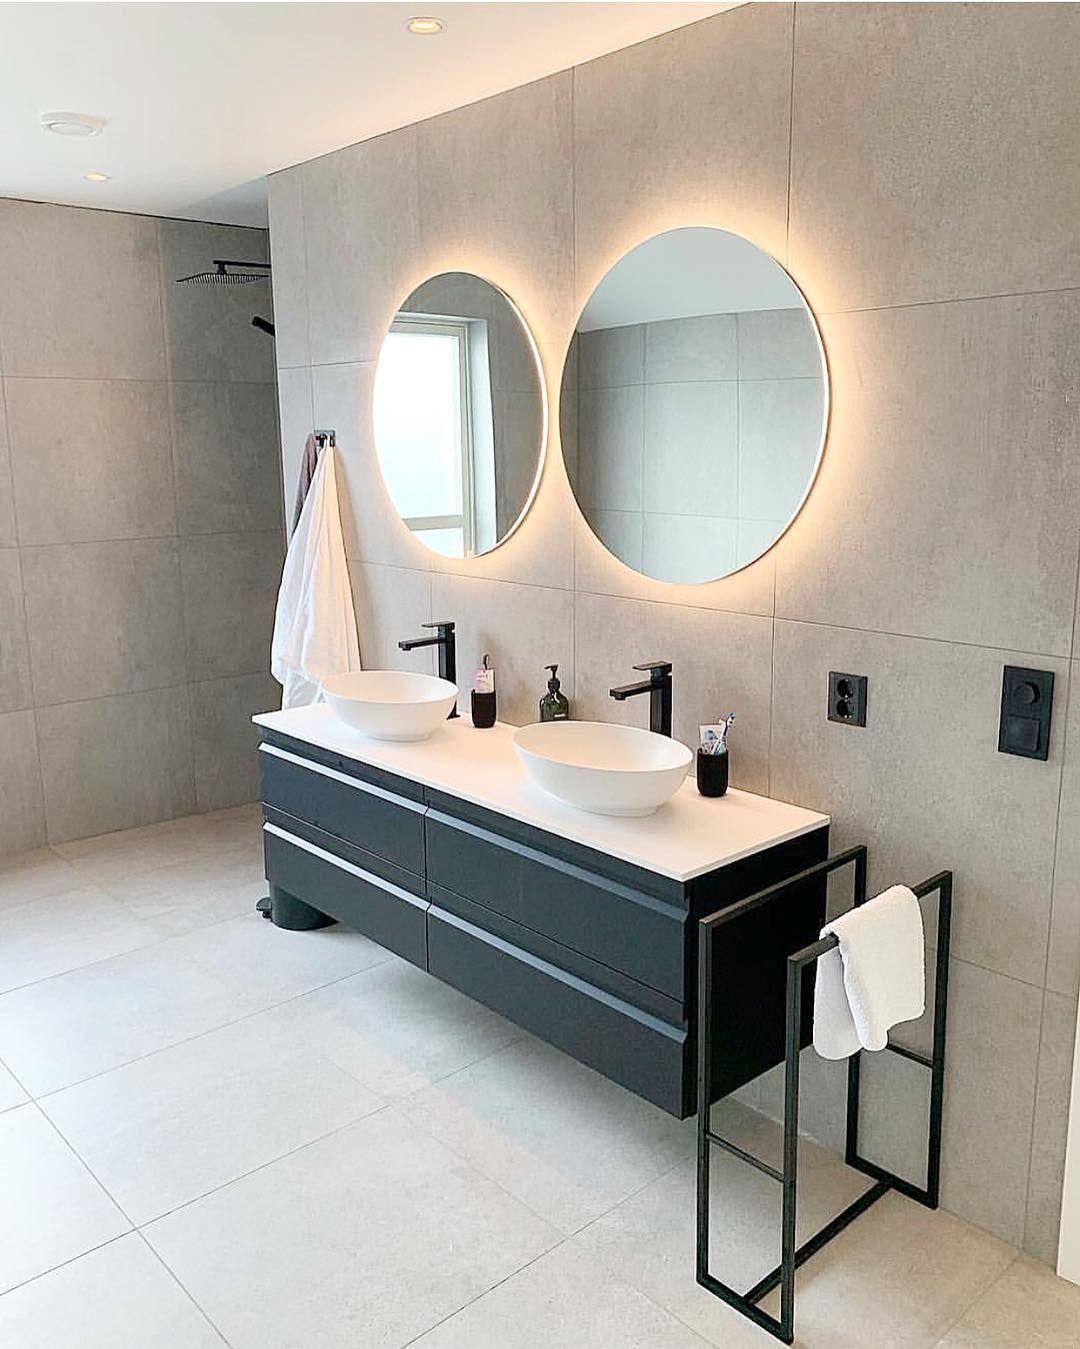 New The 10 Best Home Decor With Pictures 25 Rabatt Pa Dansani Zaro Baderomsmobler Ut April Vi Har Na 25 Rabatt Moderne Bad Luksusbad Moderne Baderom